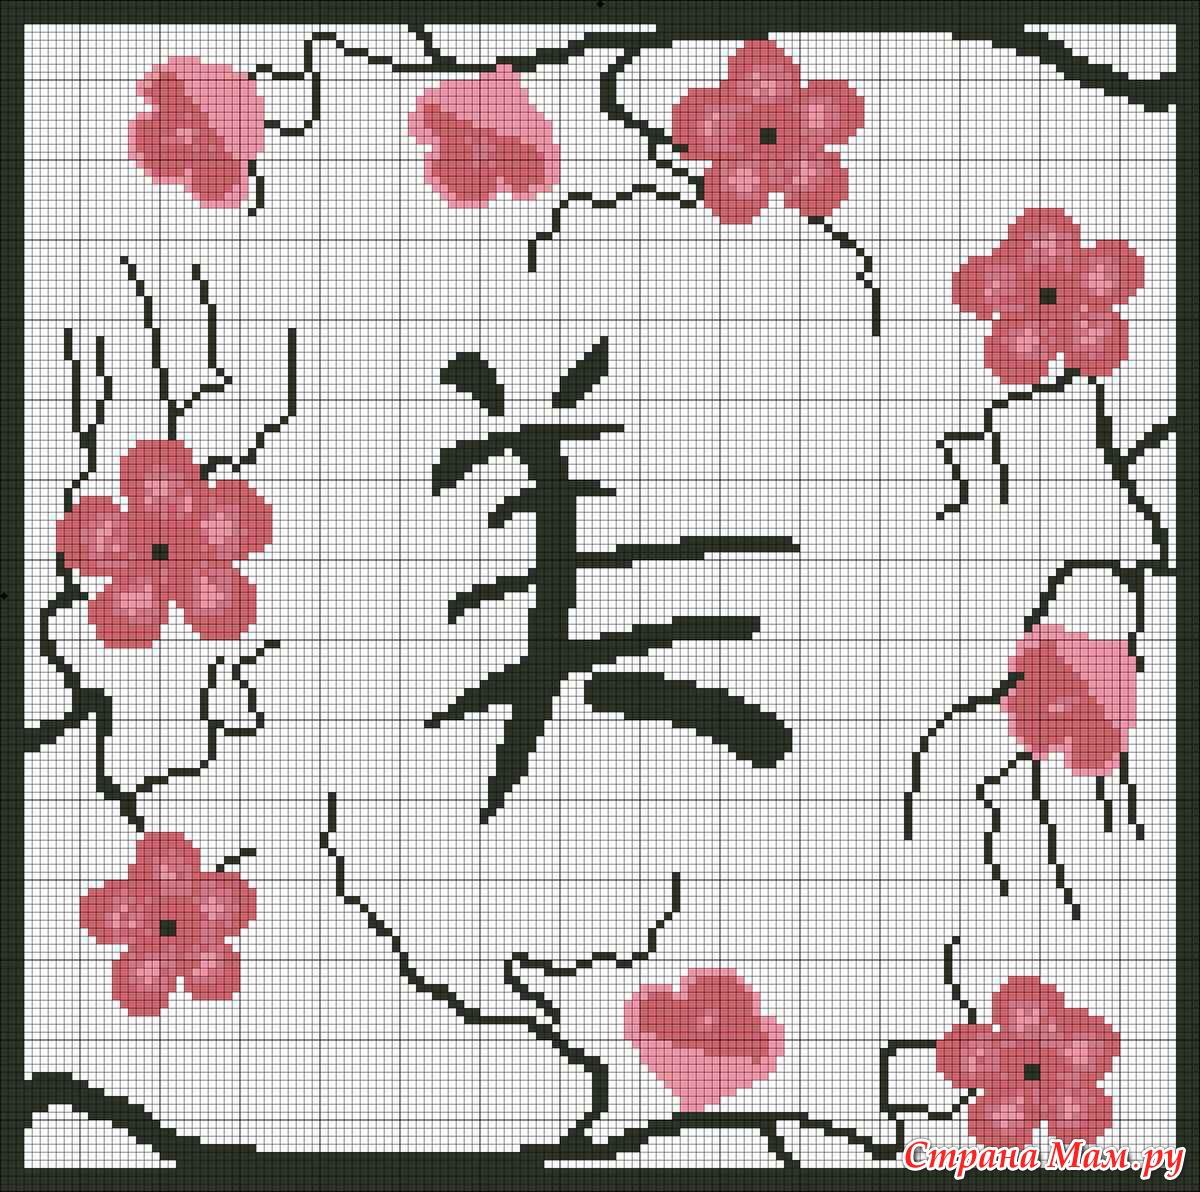 Японская вышивка крест схемы 313